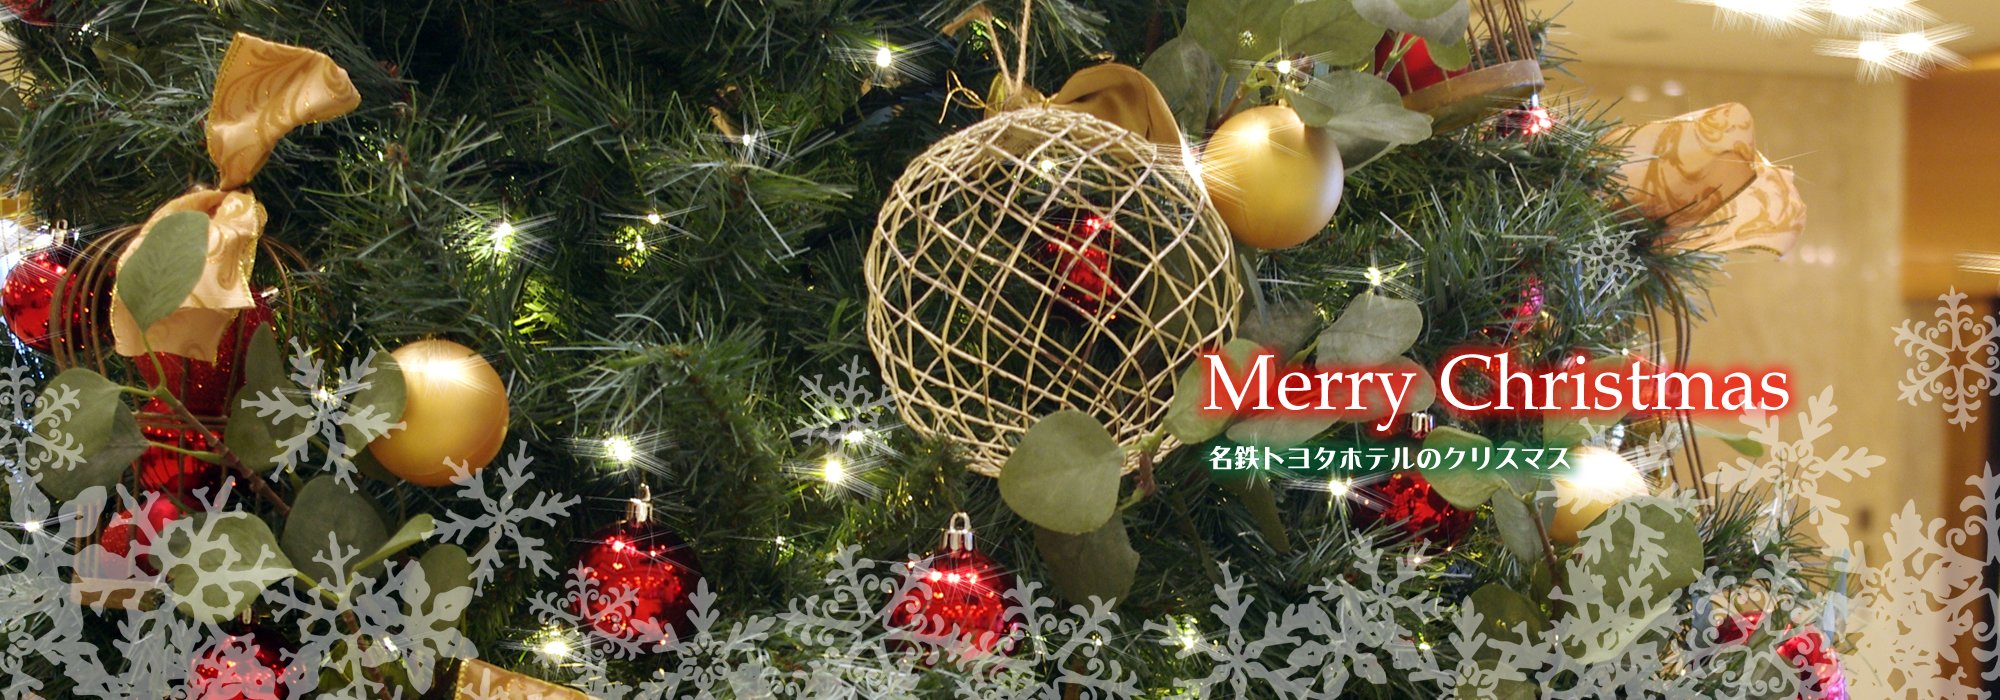 名鉄トヨタホテルのクリスマス